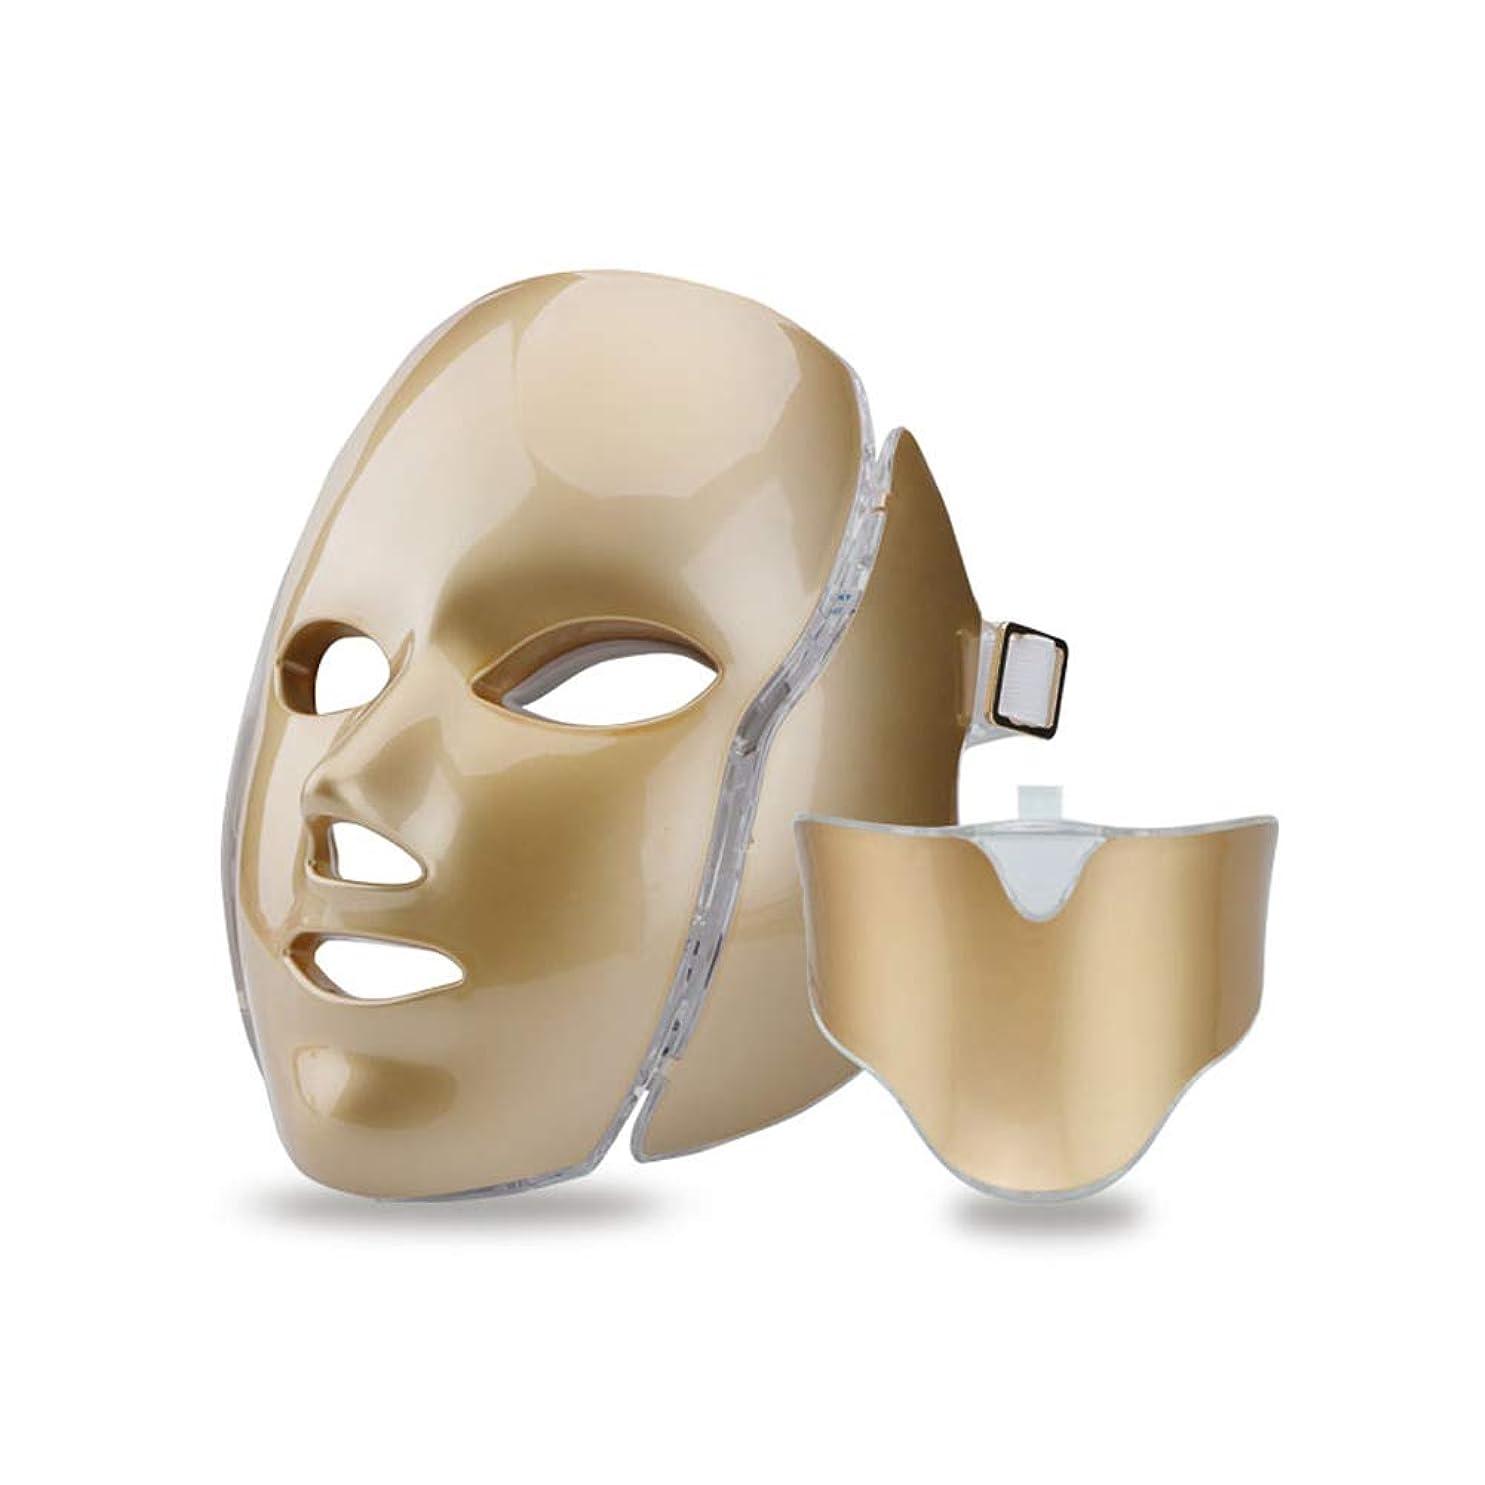 ジャンル見通し非難赤色光光子治療機7色ledマスク+首、肌の若返りニキビフェイシャルスパ美容機器,Gold